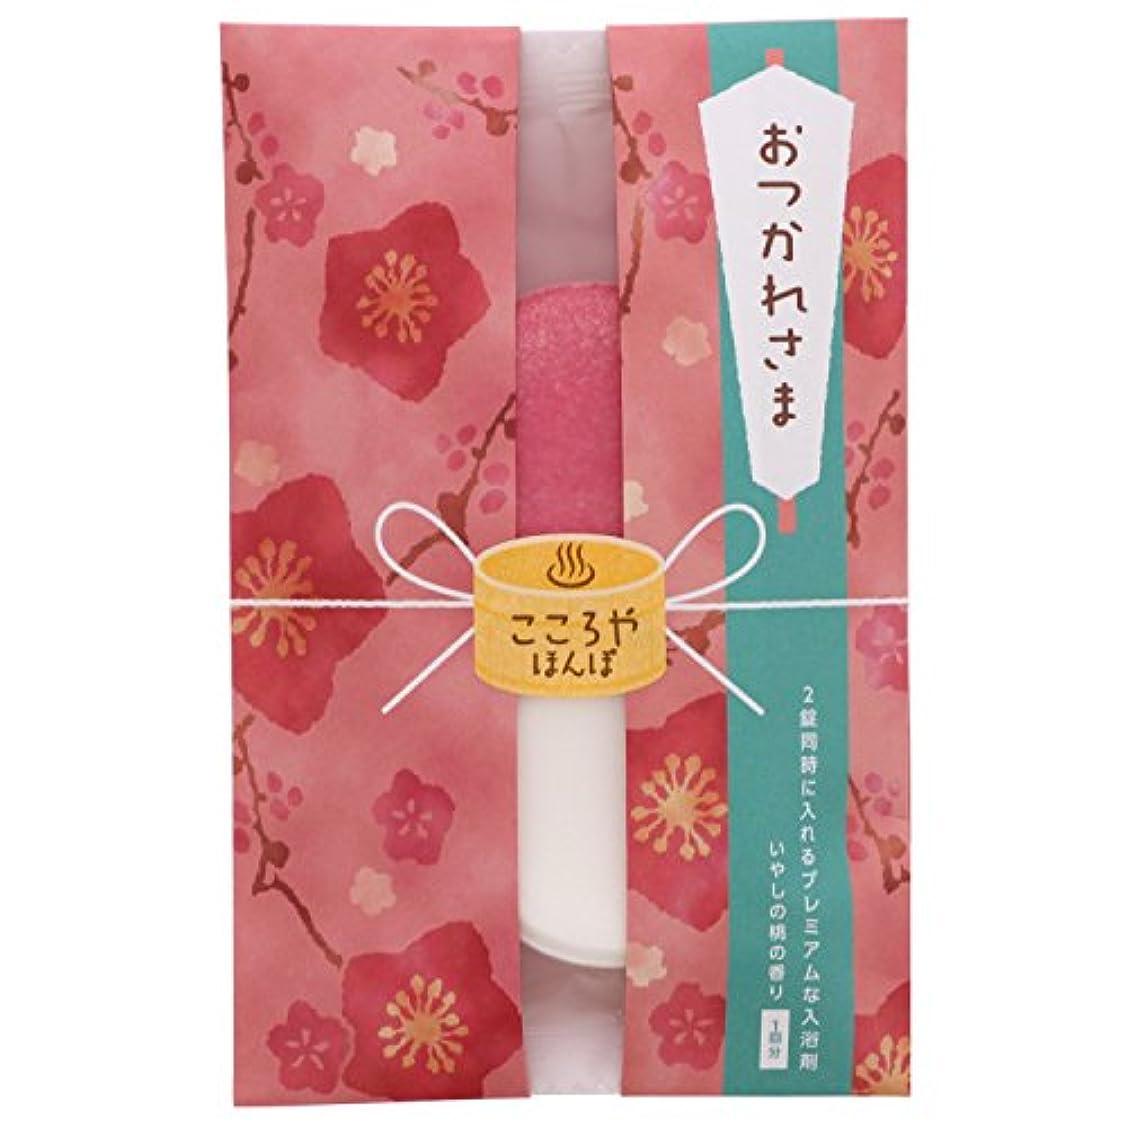 ソロ飾り羽エンターテインメントこころやほんぽ カジュアルギフト 入浴剤 おつかれさま 桃の香り 50g